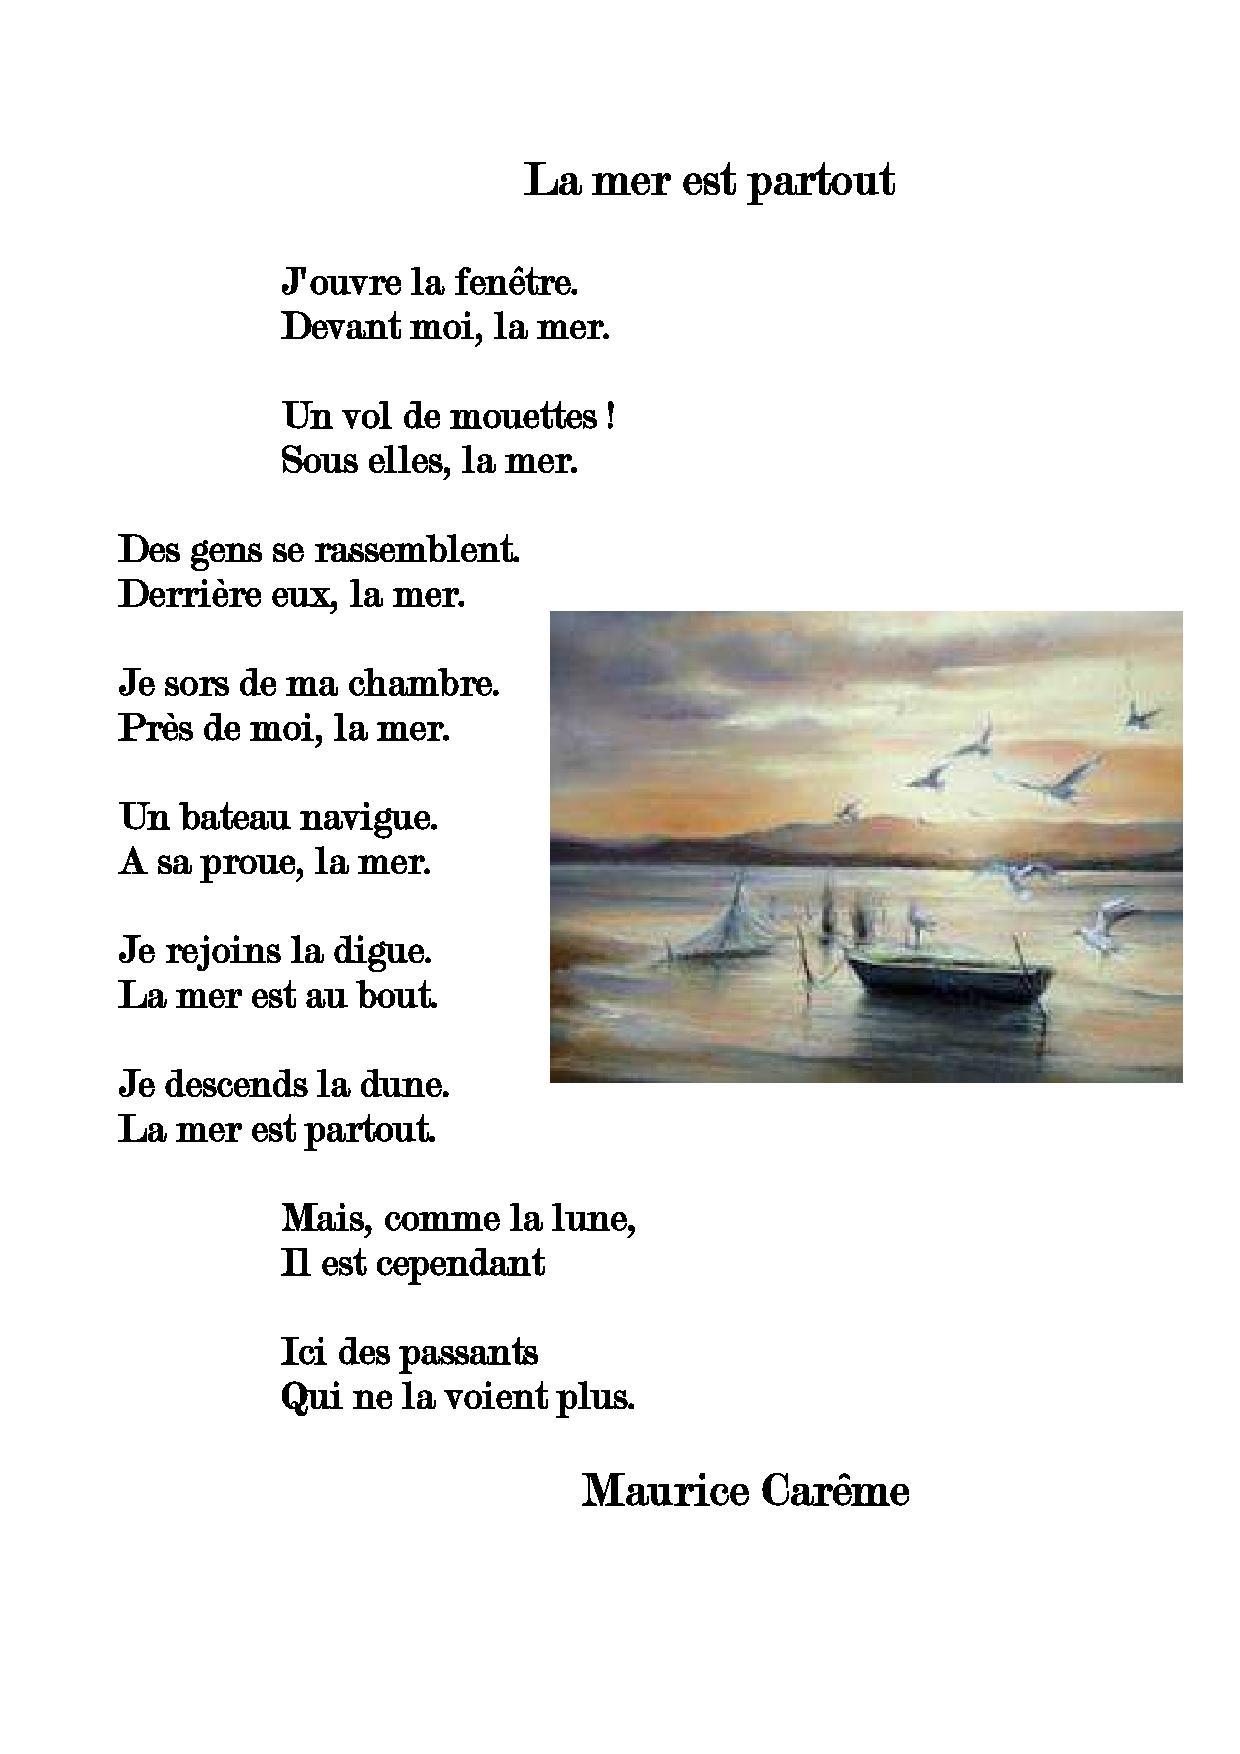 Poesie L Ecole De Maurice Careme : poesie, ecole, maurice, careme, Partout,, Maurice, Carême, L'école, Globetrotteuses